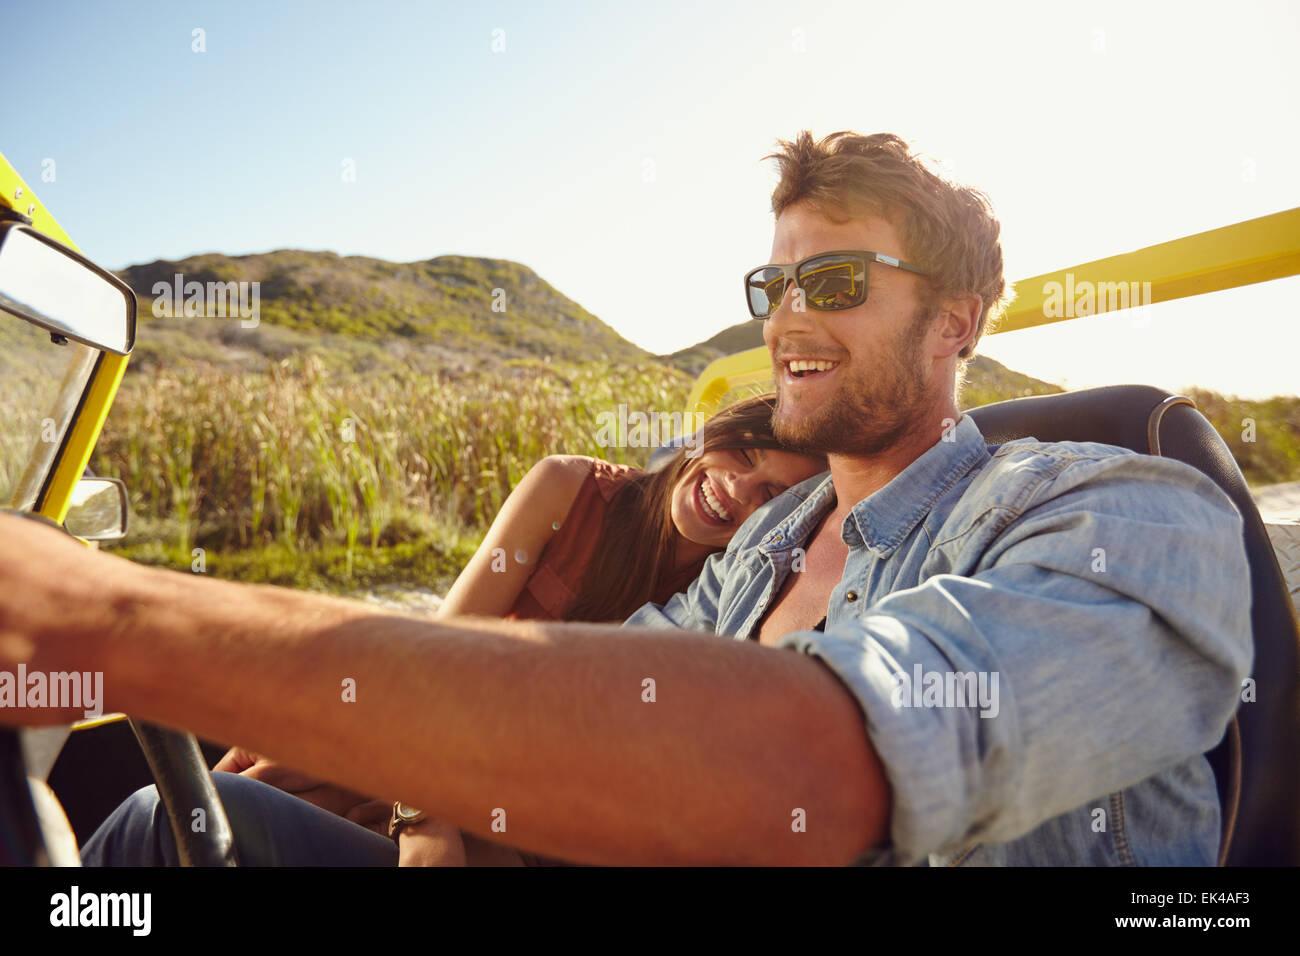 Joven pareja feliz yendo de vacaciones juntos en un buggy car. Tierna pareja disfrutando en un viaje por carretera. Imagen De Stock